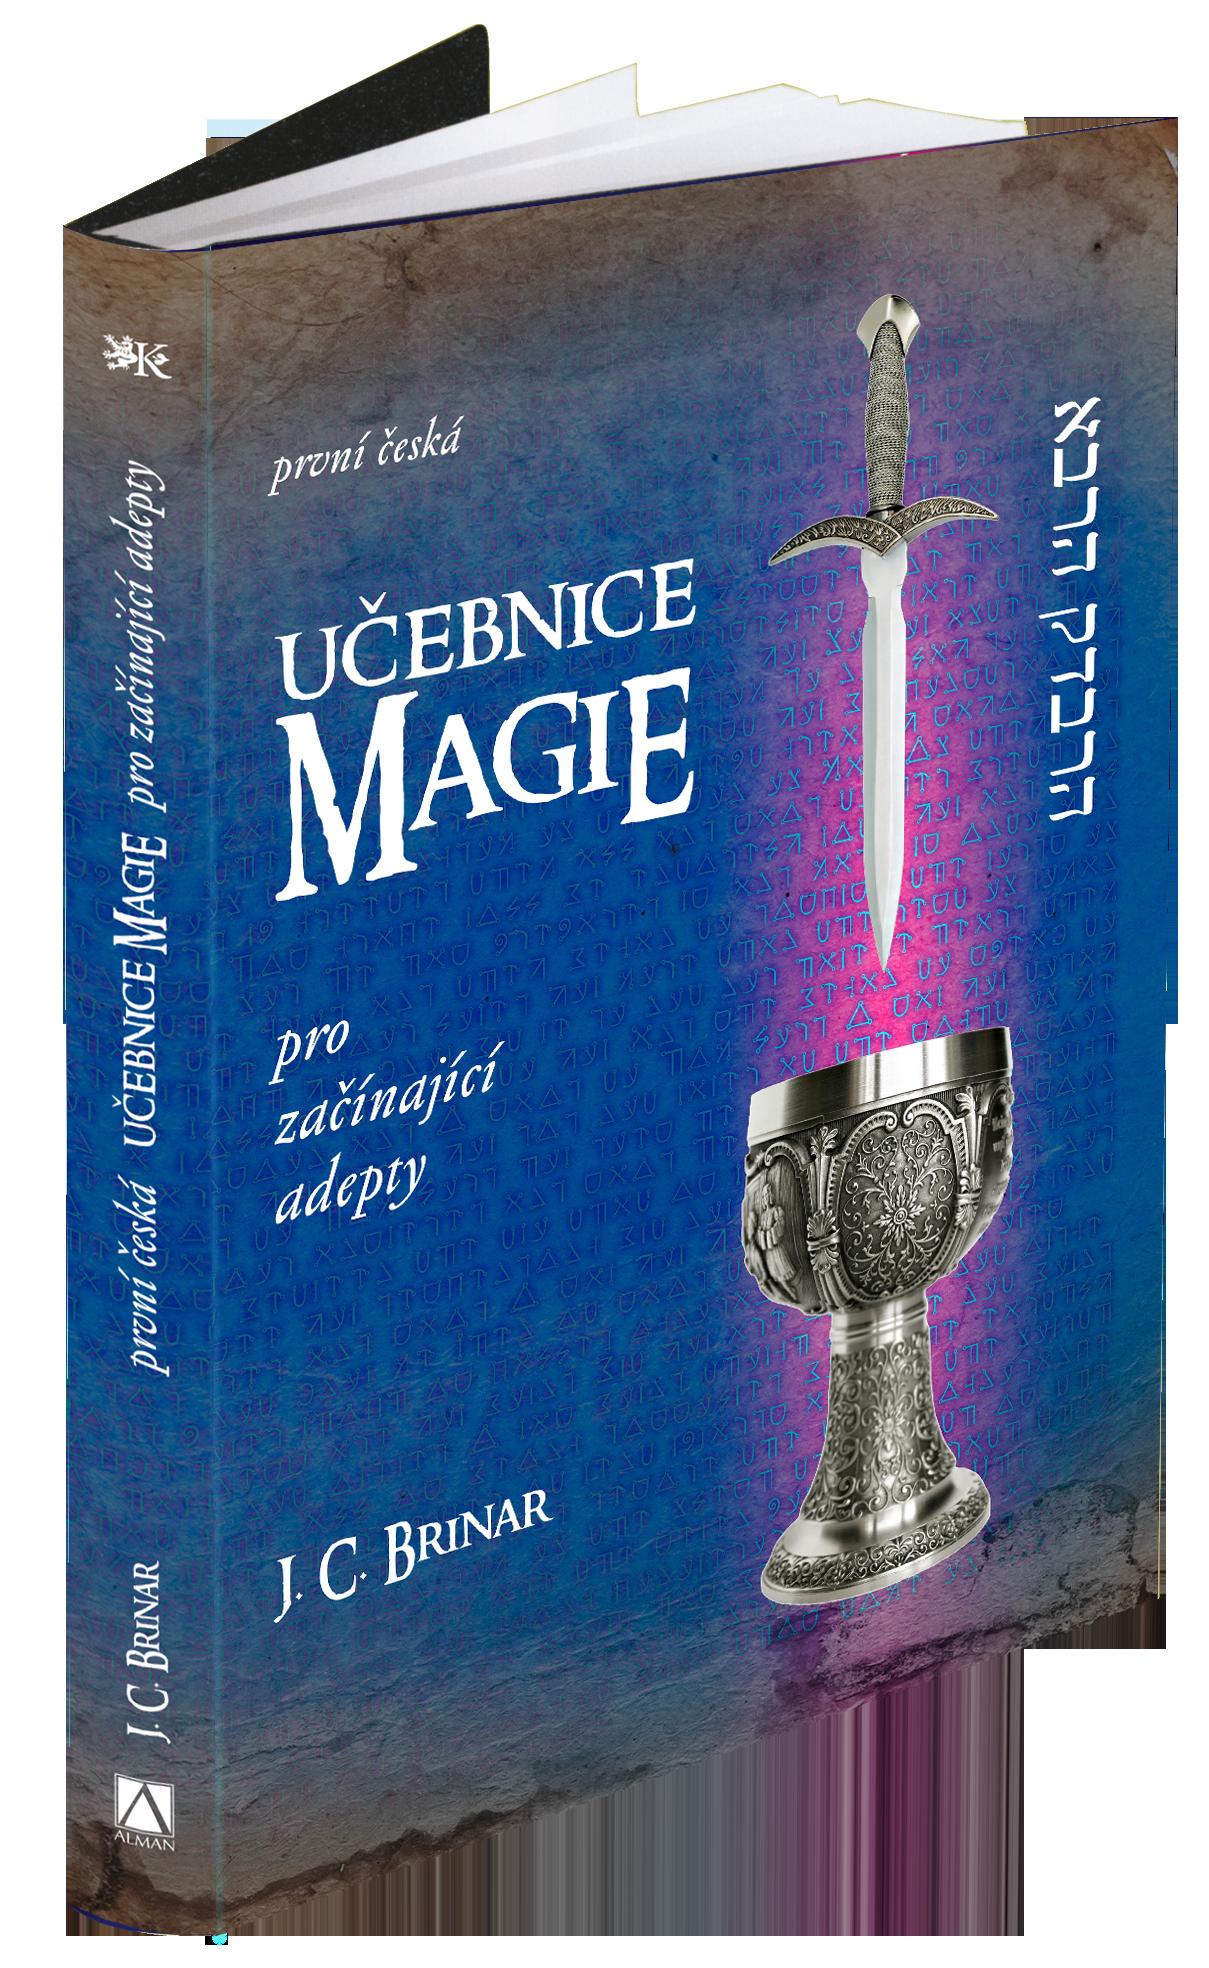 učebnice magie, kouzlo, rituál, zaklínadlo, magie, čarodějnictví, okultismus, tajný, duchovní, kniha o magii